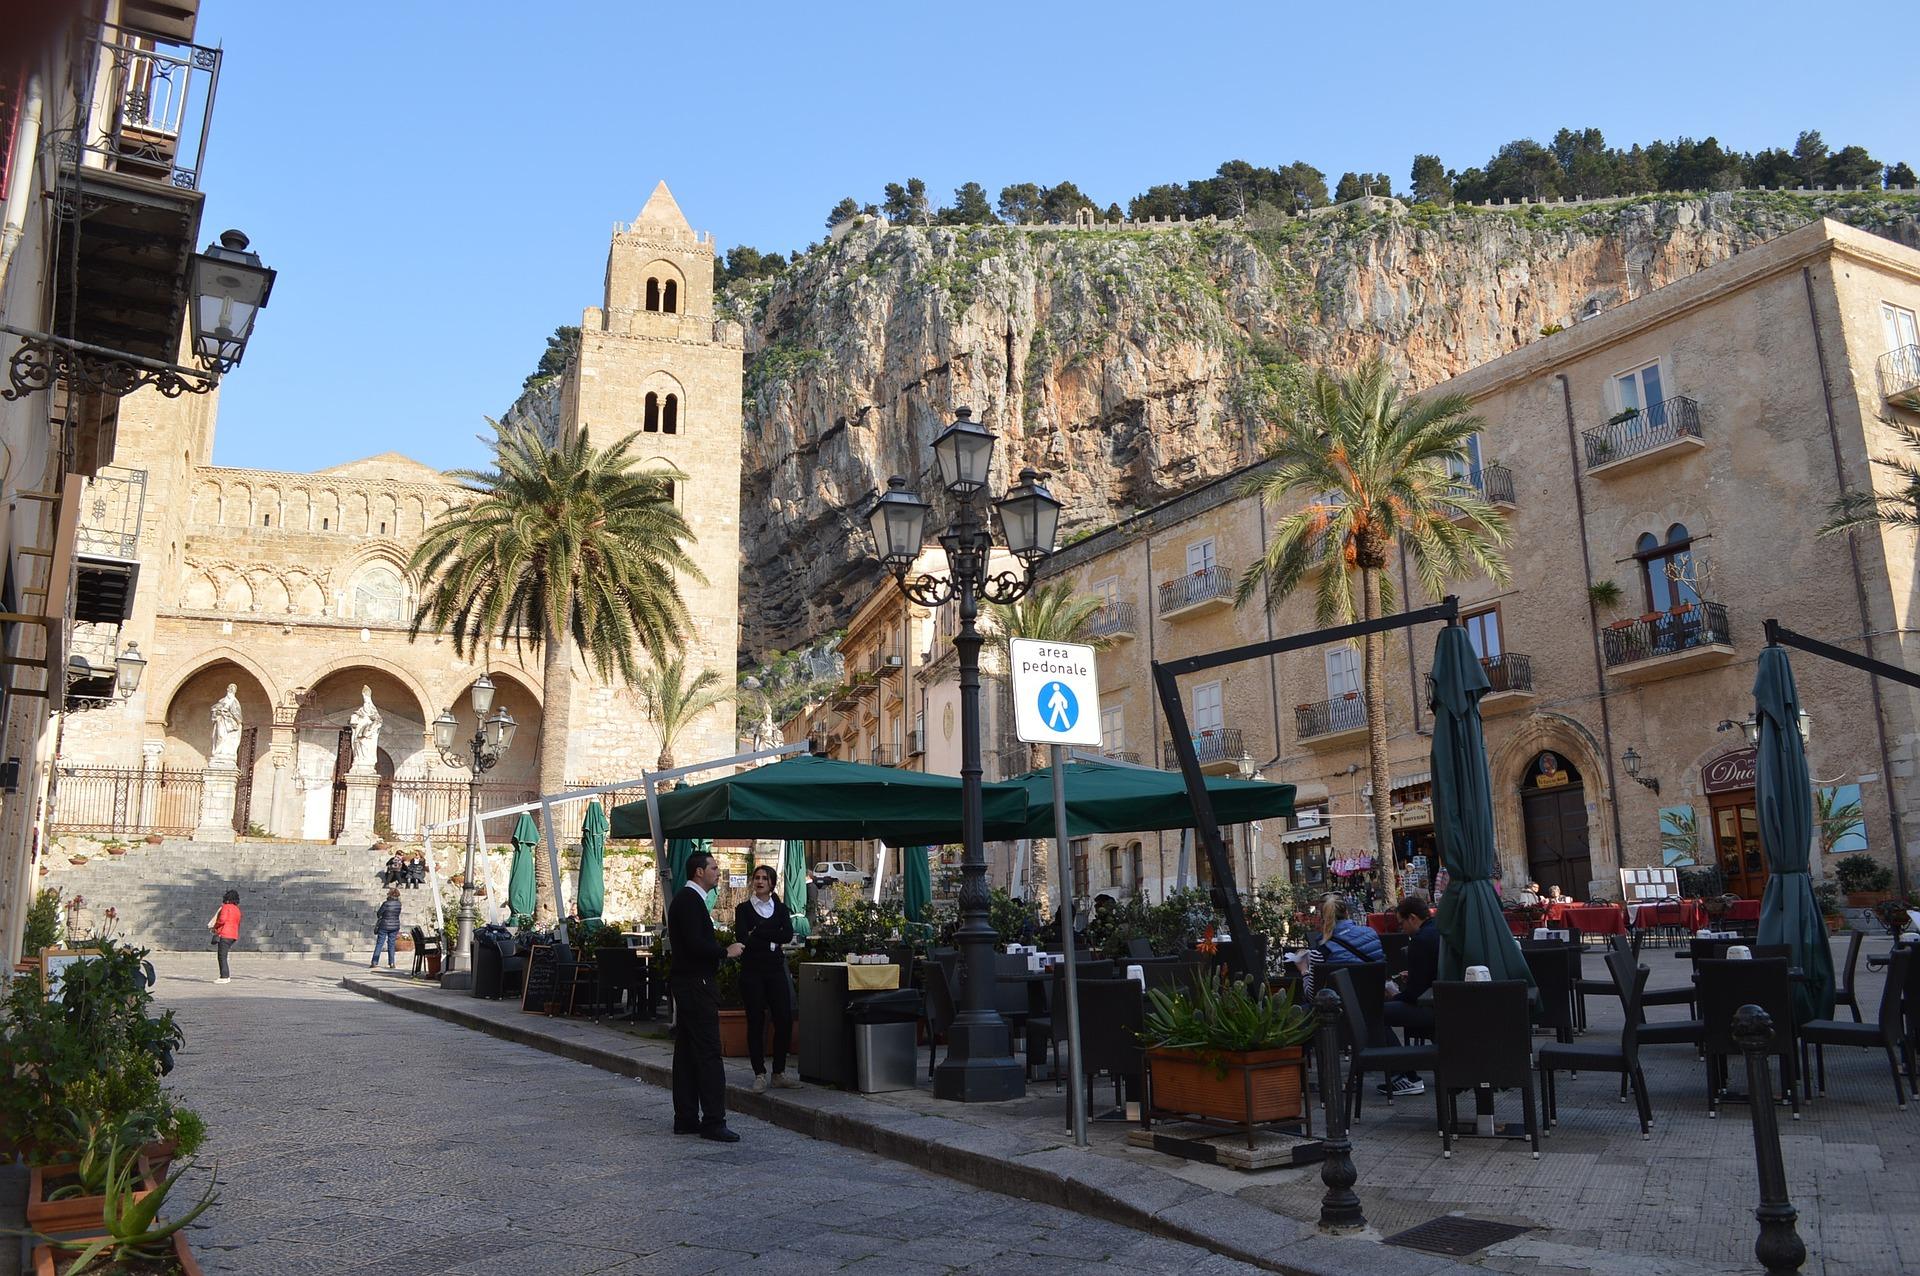 Szicíliai körutazás tengerparti üdüléssel, Olaszország - OTP Travel utazási iroda